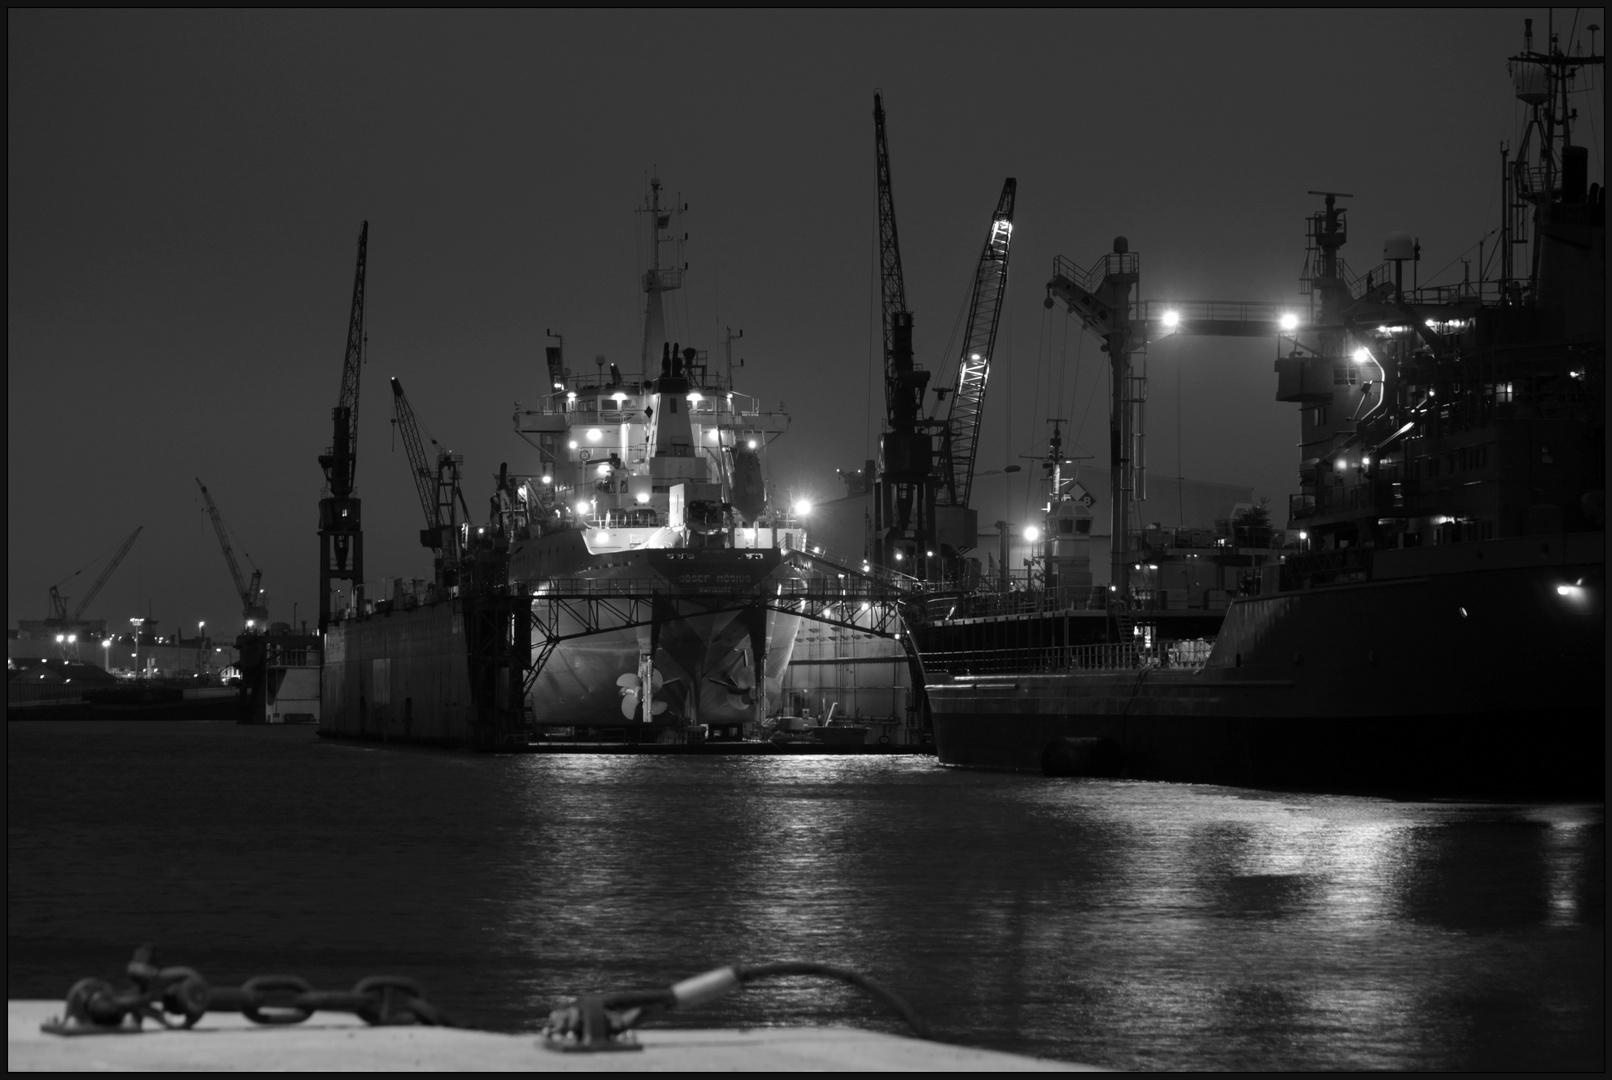 Werft Deutschland